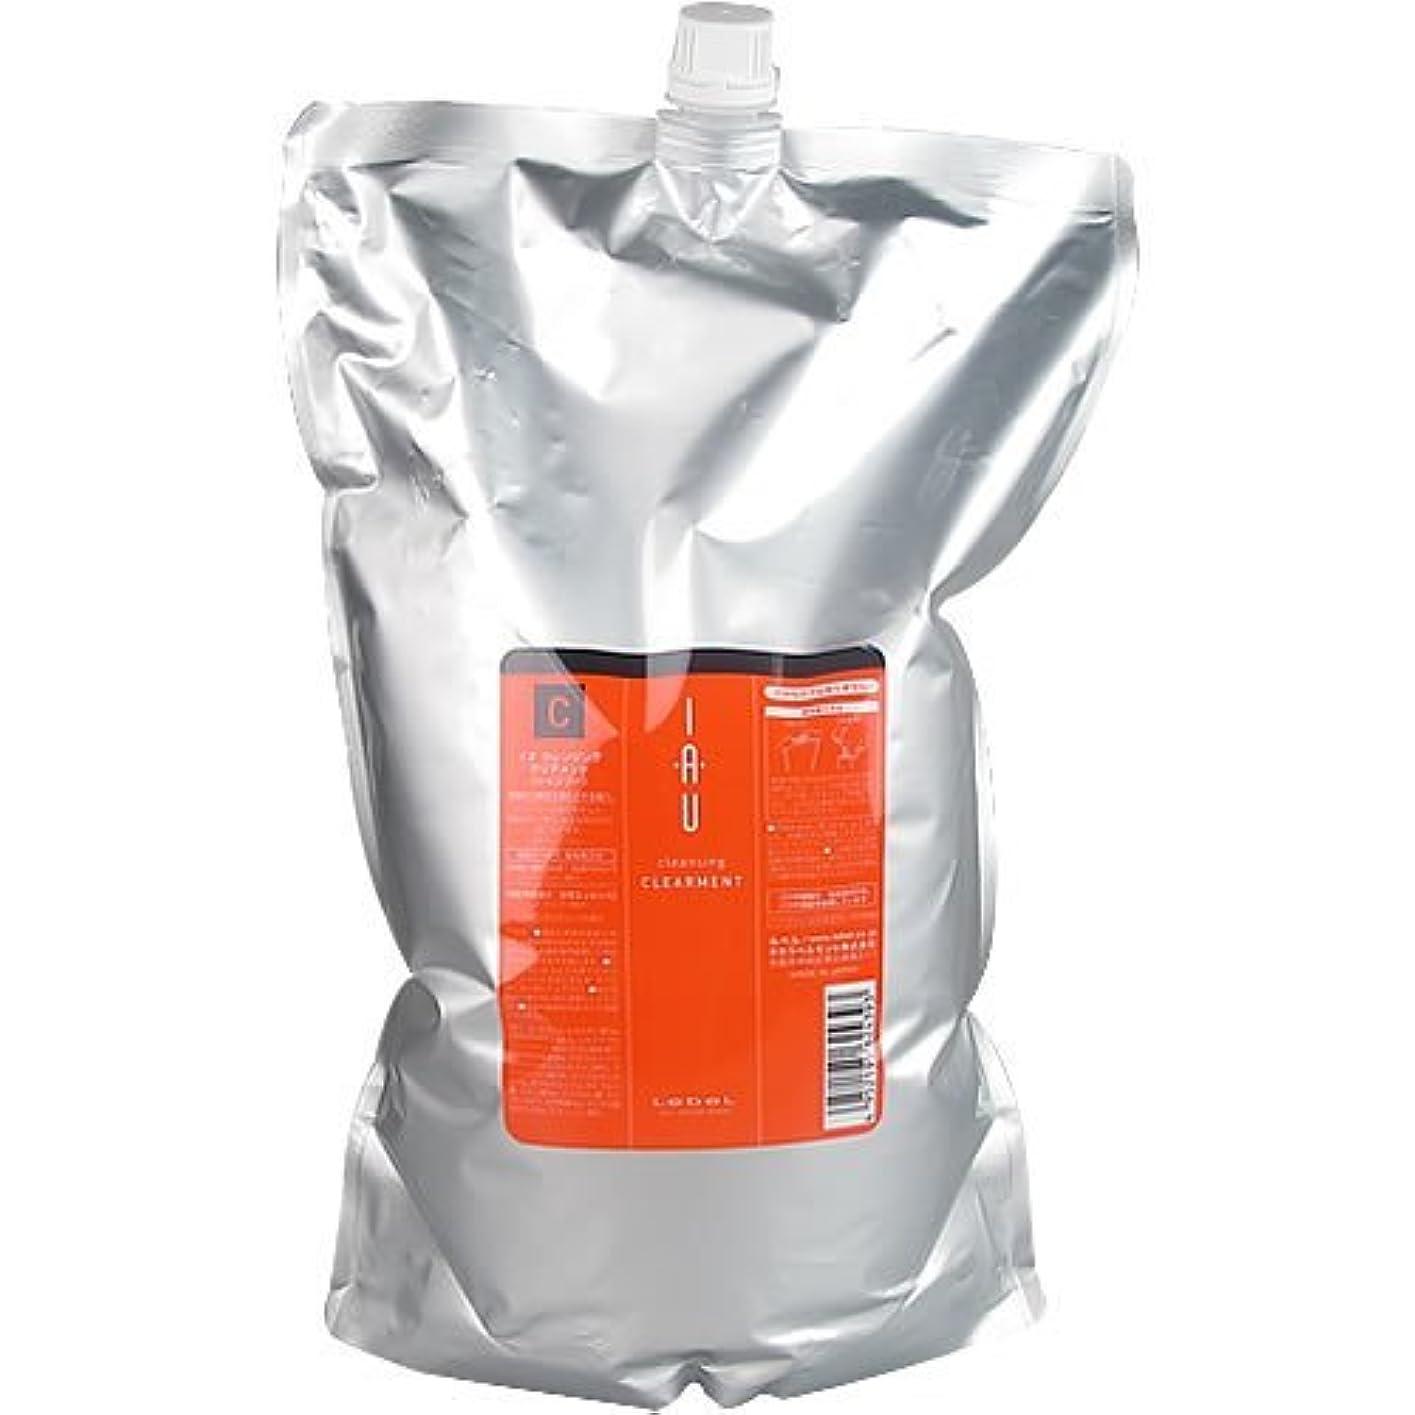 柔らかさ航空機弾丸ルベル(Lebel) イオ クレンジング クリアメント 詰め替え用 2500ml[並行輸入品]